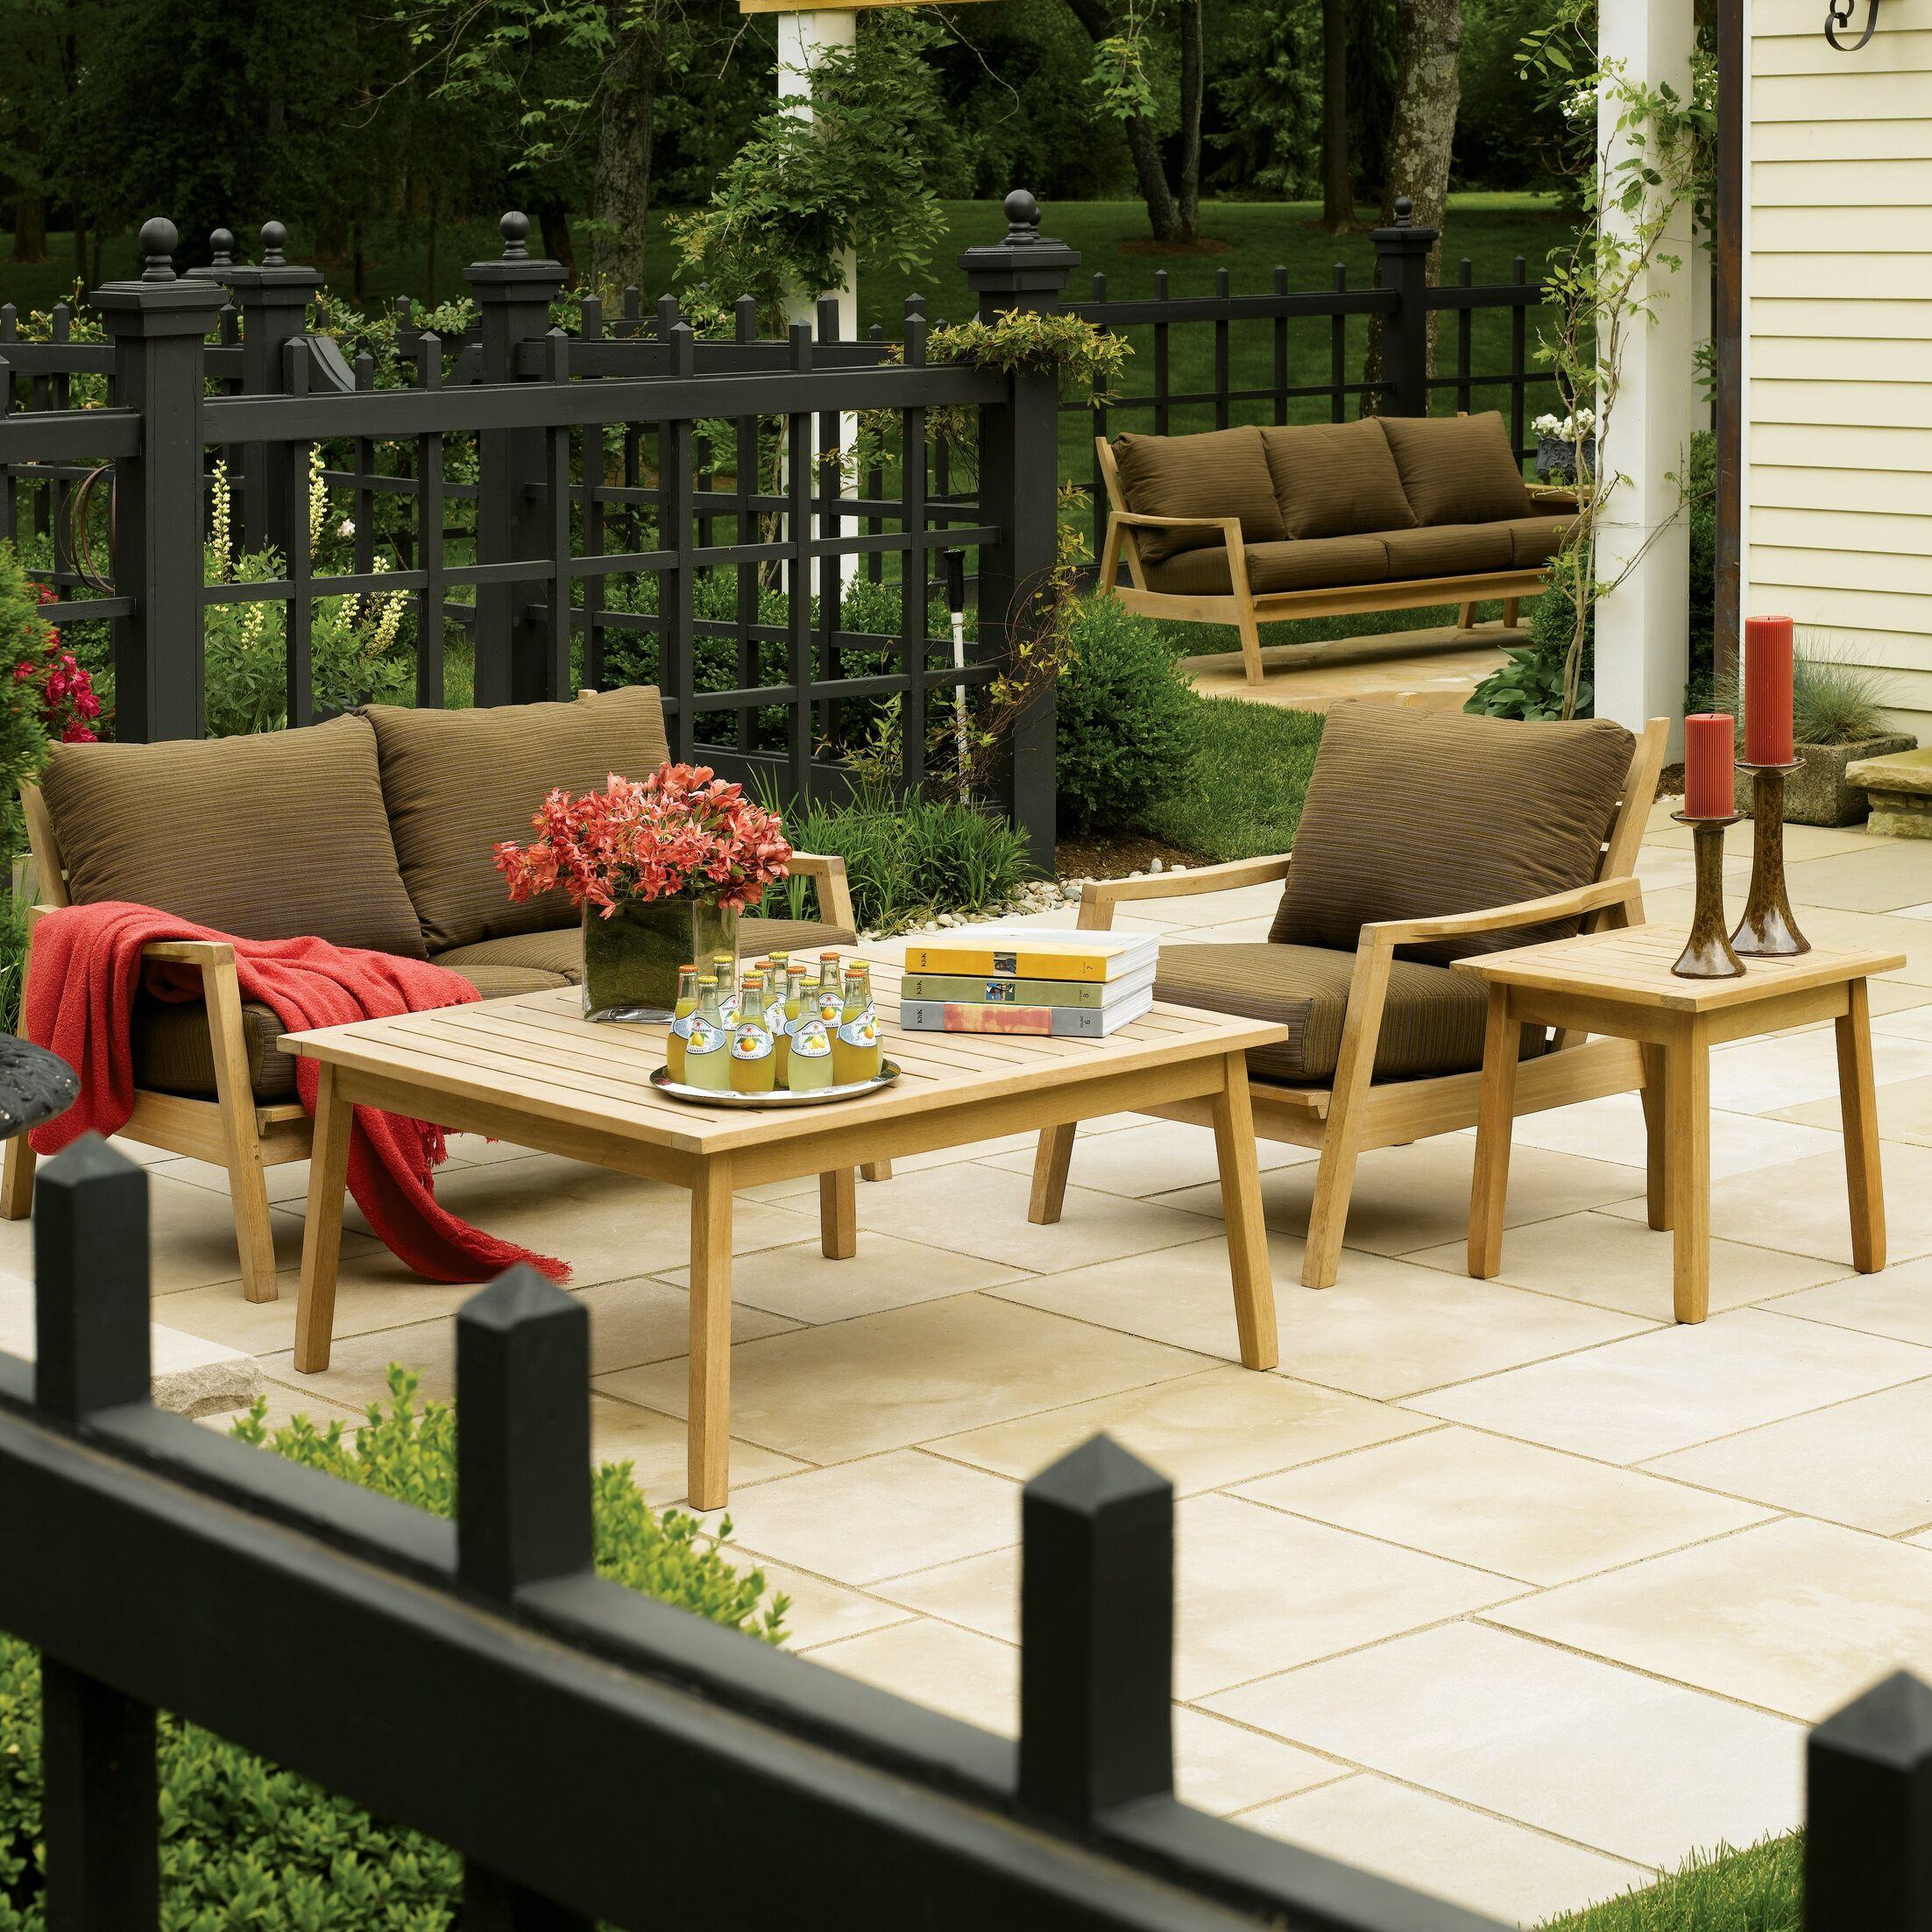 Corum 5 Piece Sofa Set with Cushions Fabric: Natural